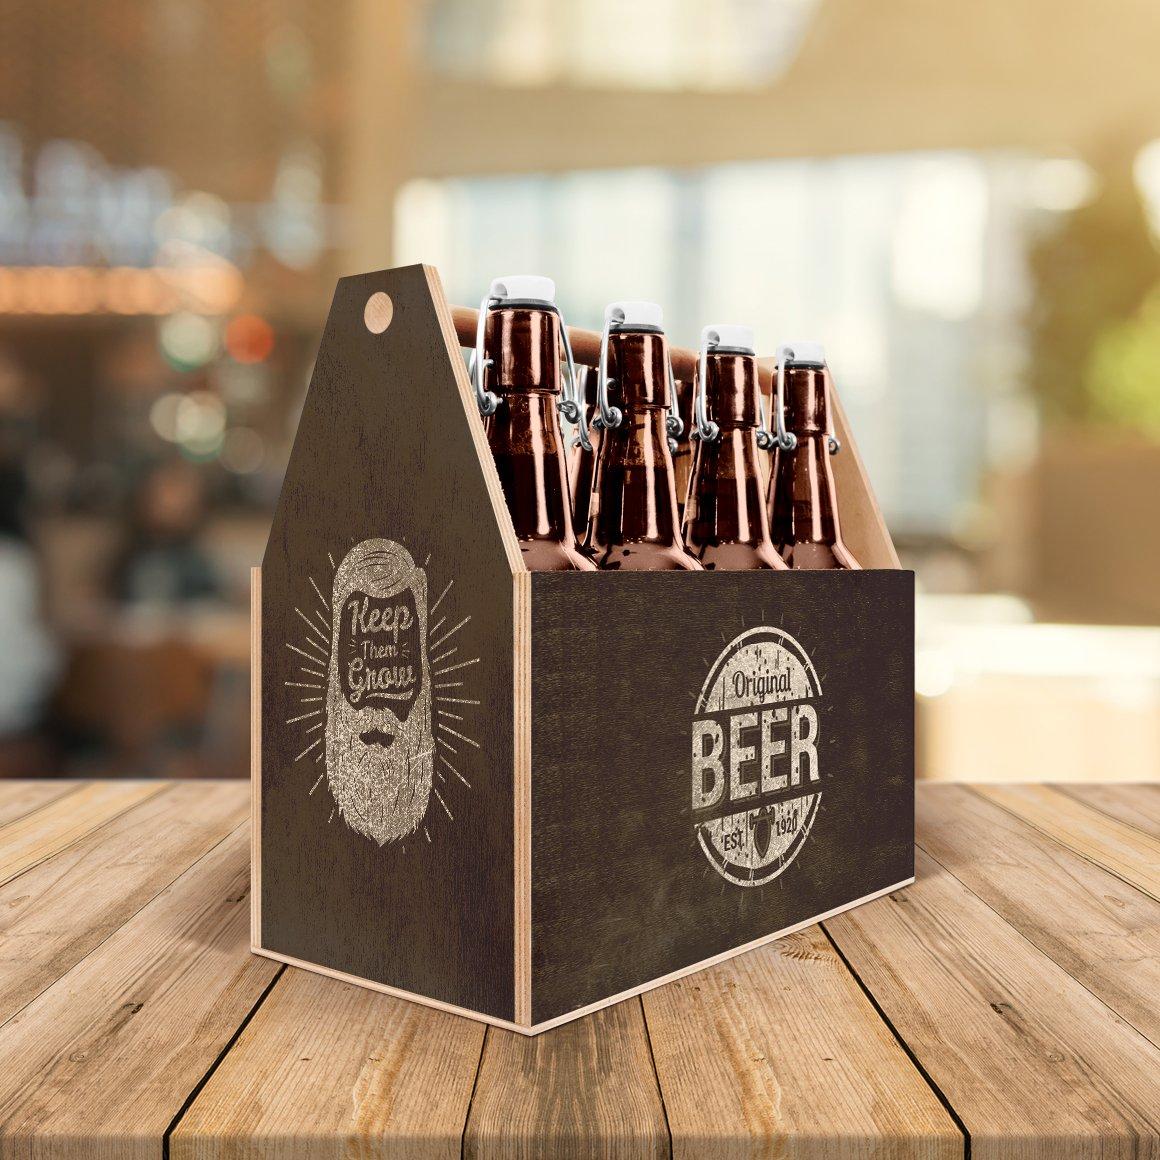 工艺啤酒包装盒设计展示样机模板 Craft Beer Box Mockup插图(3)